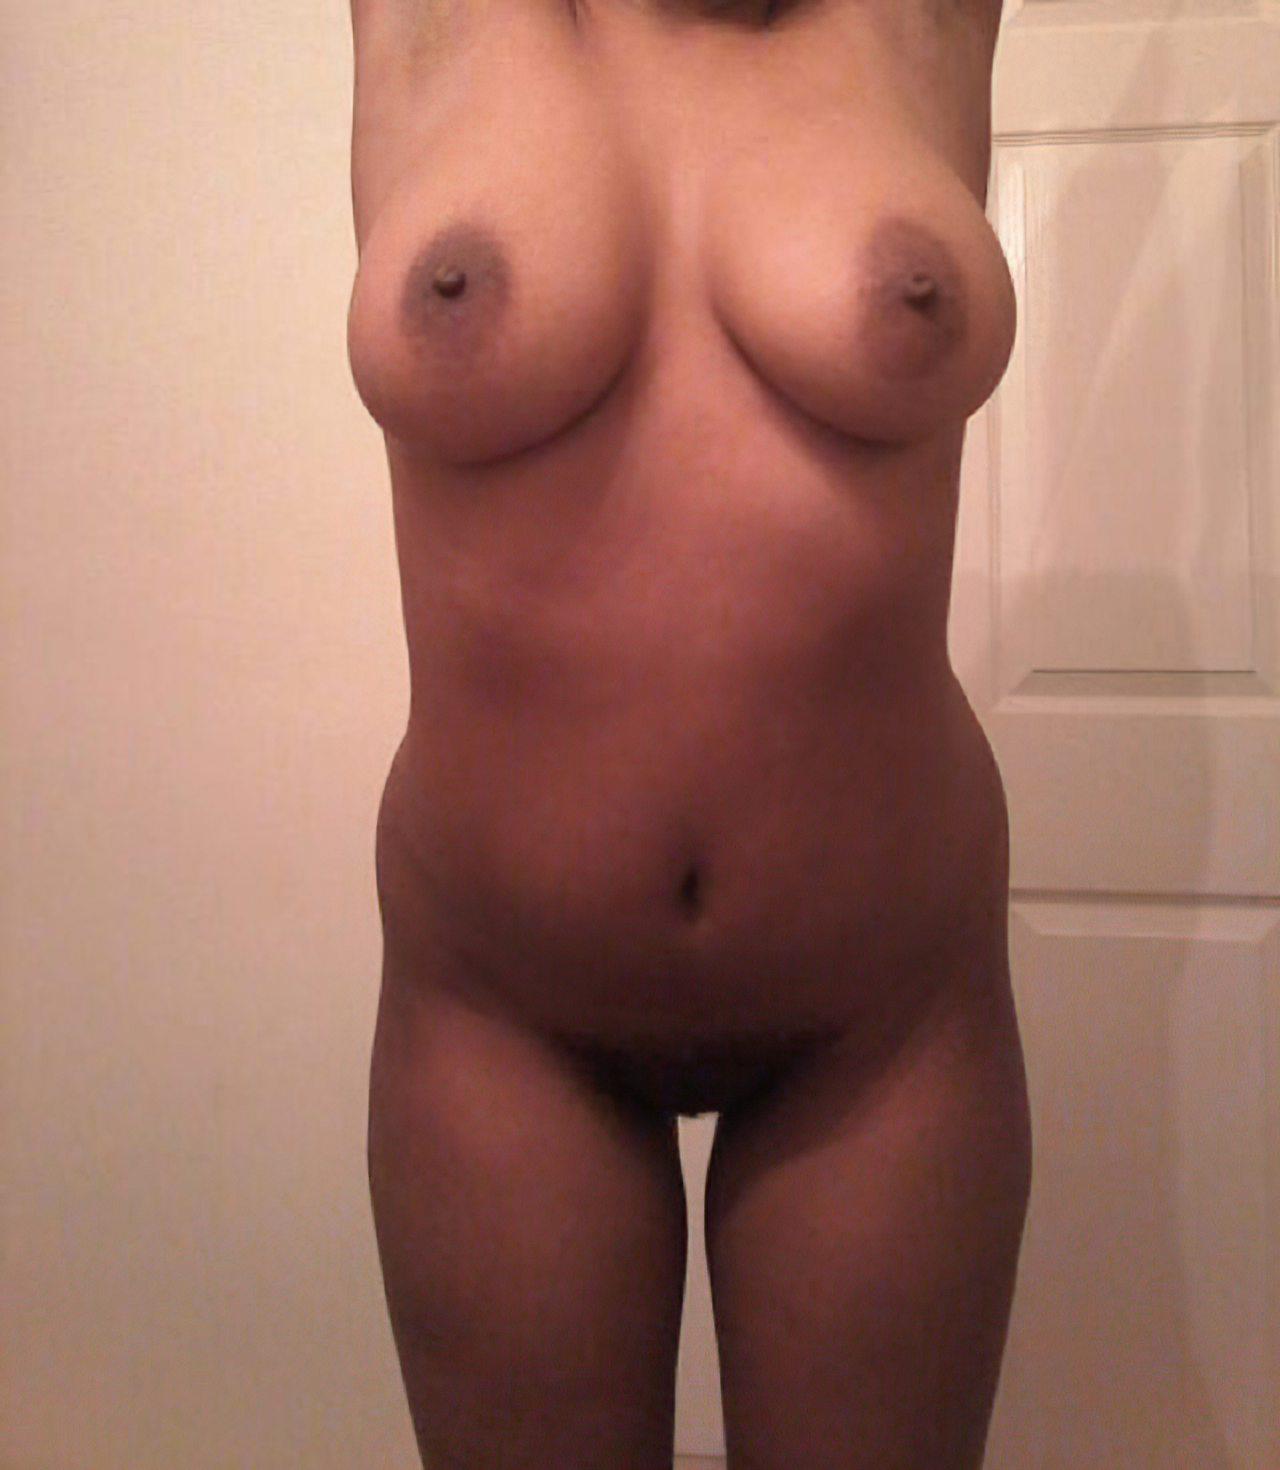 Nudes Morena Adolescente (13)